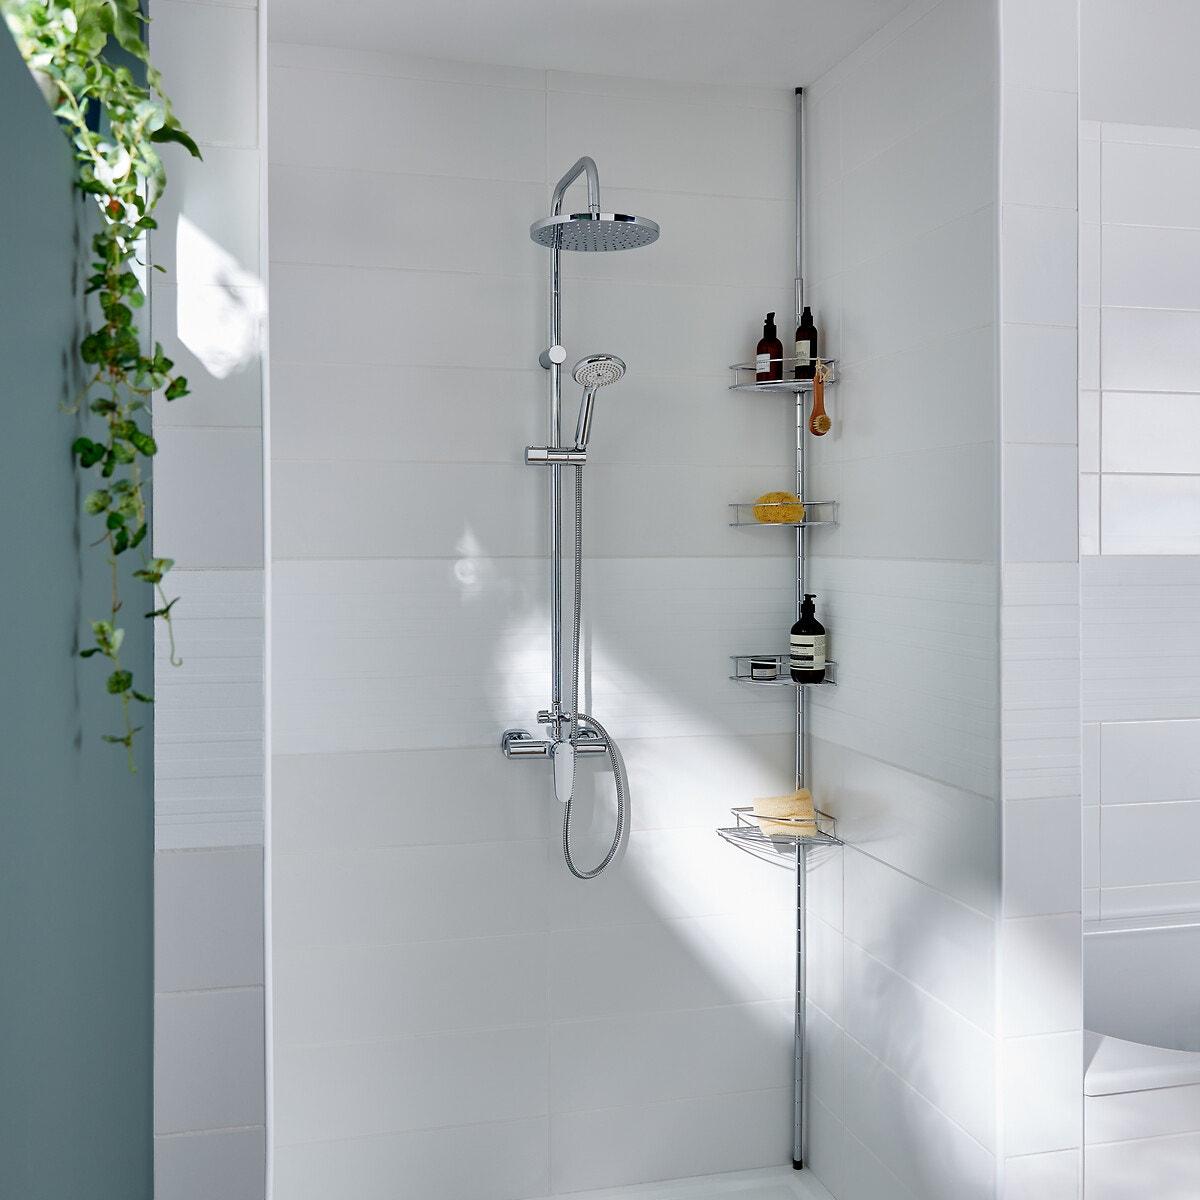 Επεκτεινόμενη γωνιακή ραφιέρα για το μπάνιο ή την ντουζιέρα σπιτι   μπάνιο   αξεσουάρ μπάνιου